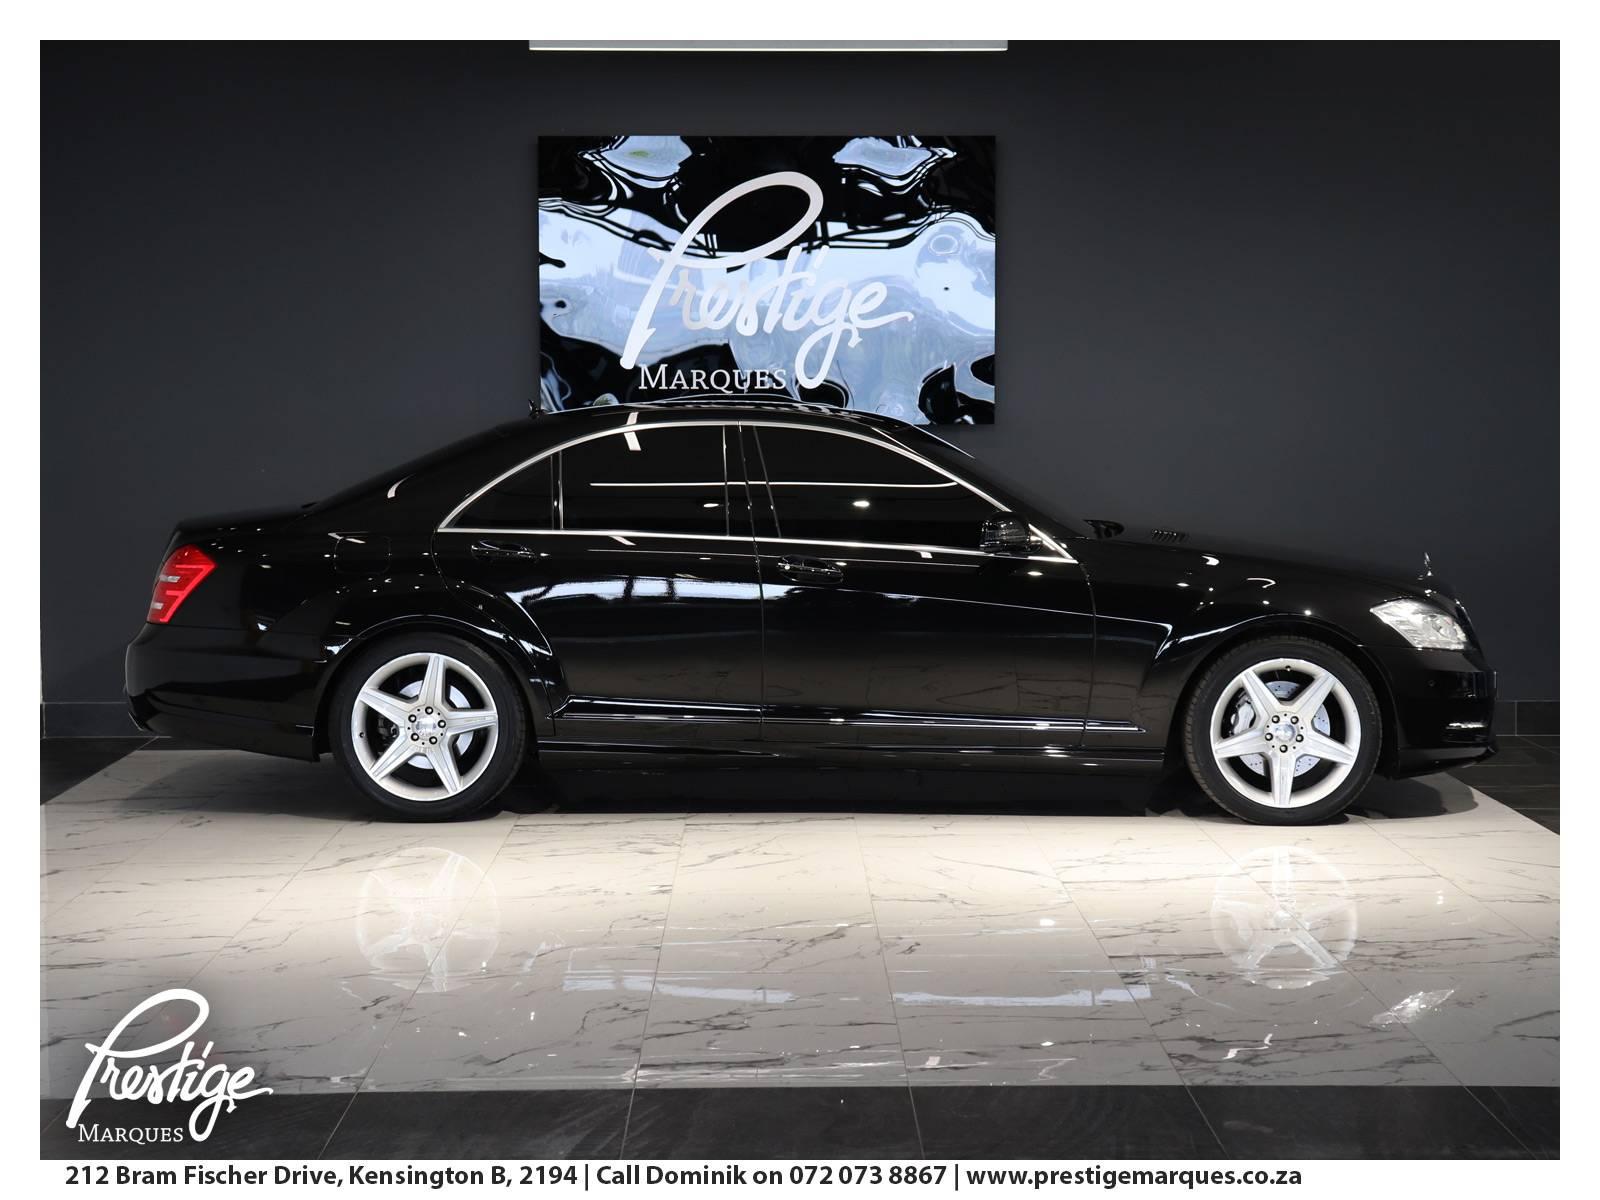 2011-Mercedes-Benz-S350-Prestige-Marques-Randburg-Sandton-2